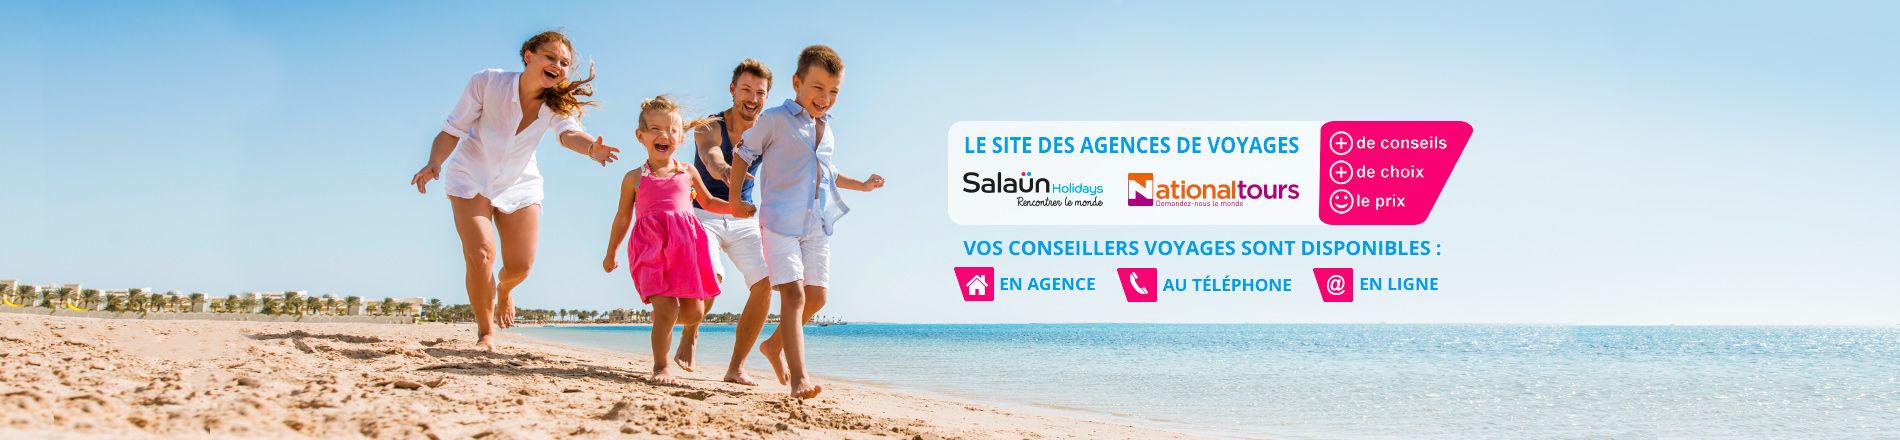 MonAgentdeVoyages.fr, le site des agences de voyages du groupe Salaün